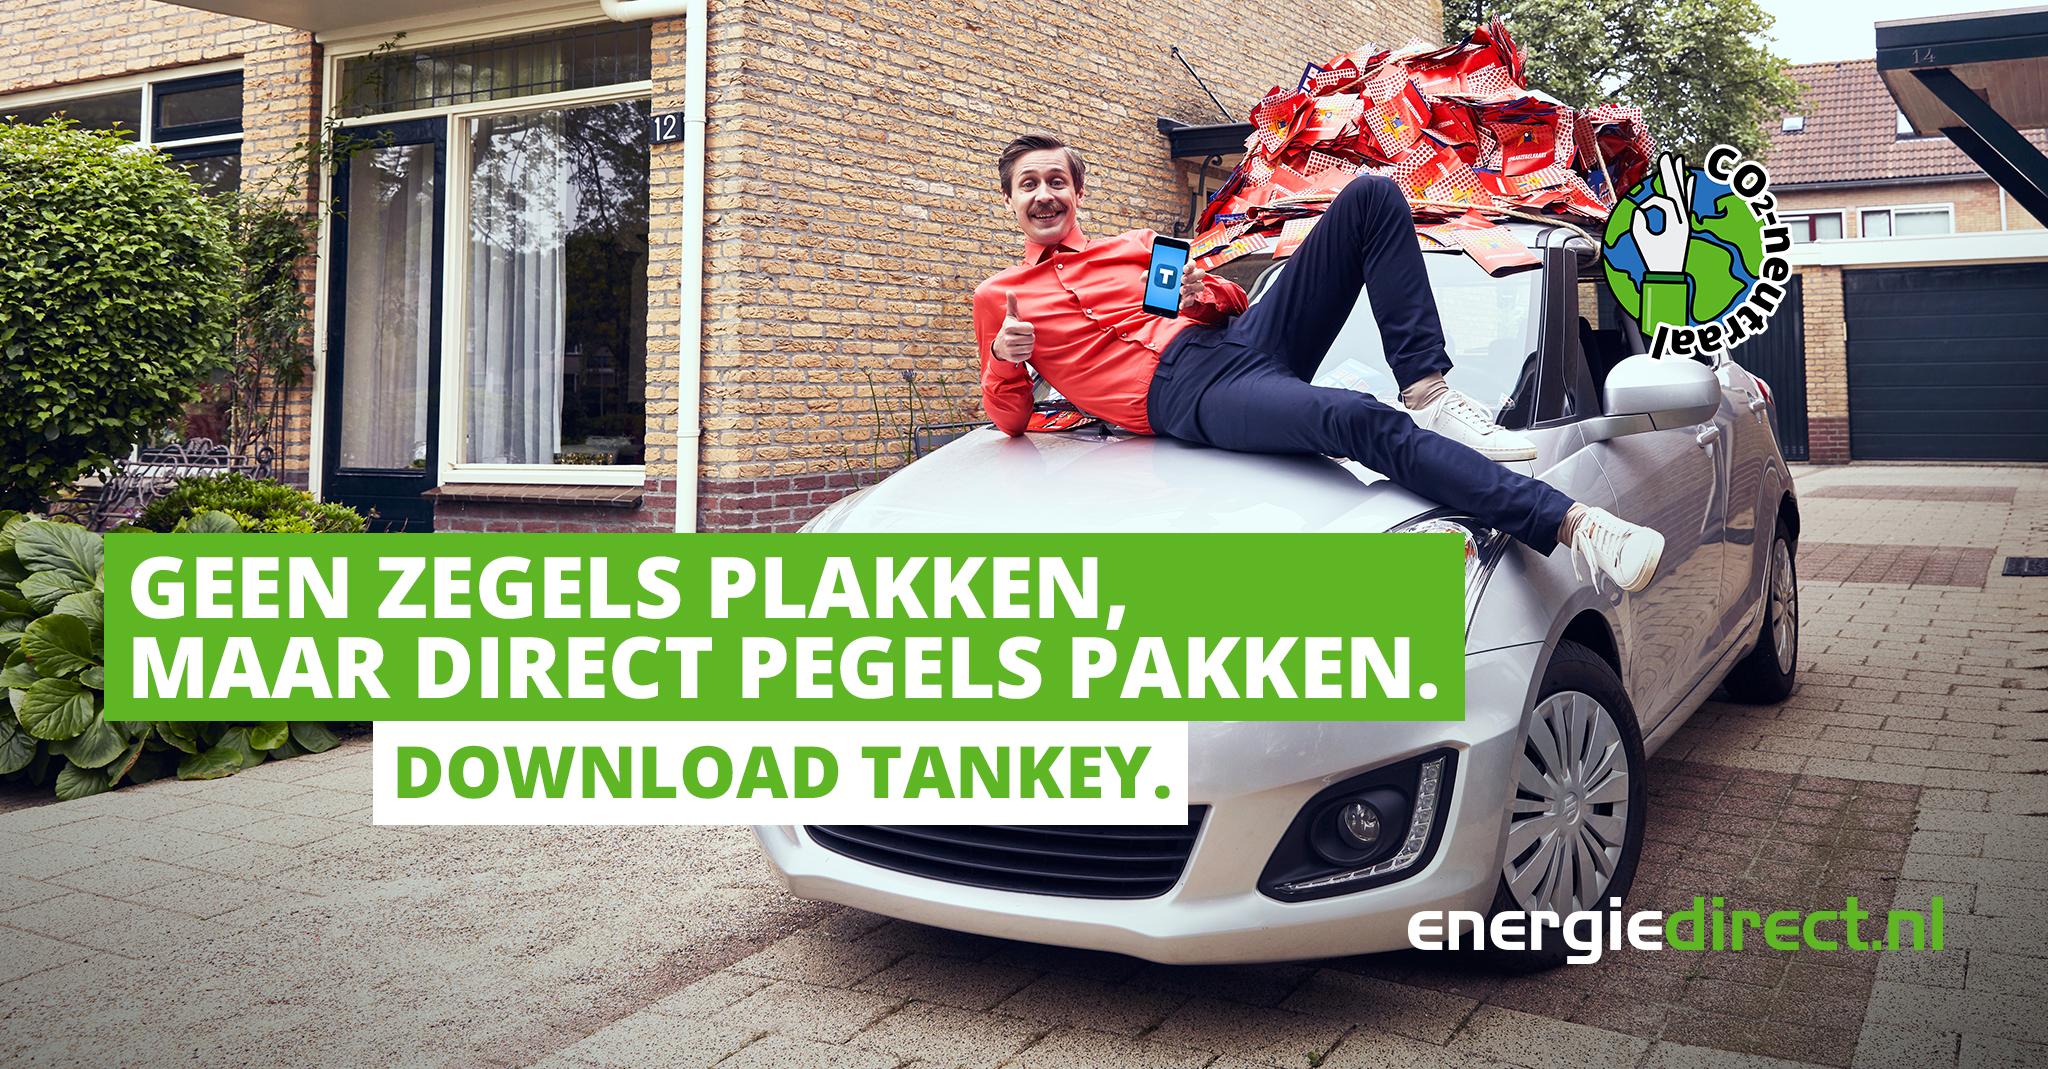 Nog meer klanten profiteren van Tankey